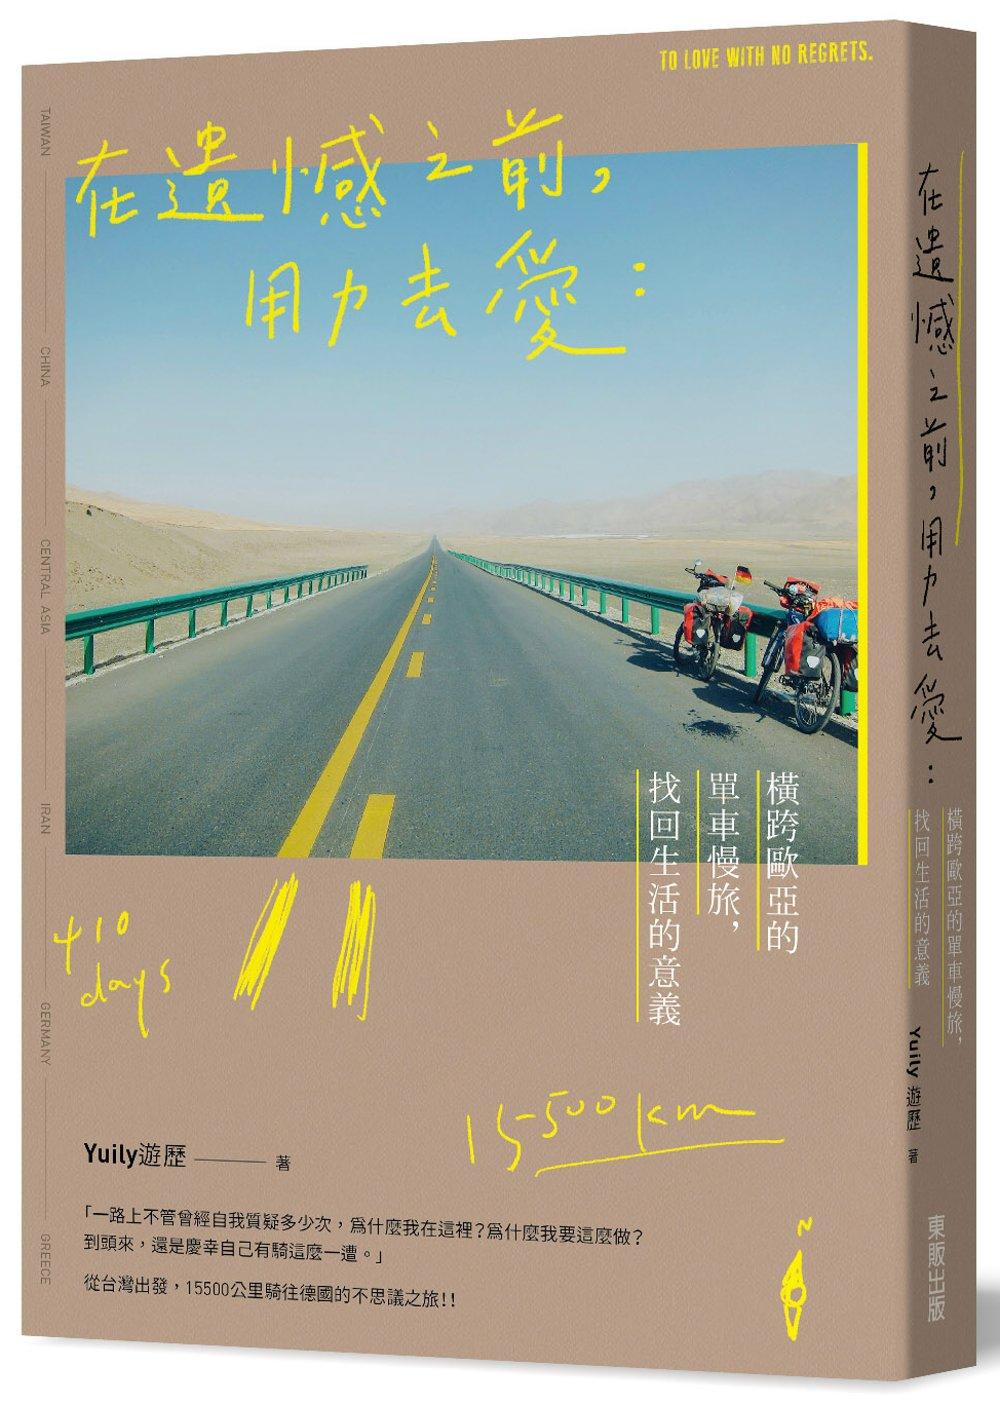 在遺憾之前,用力去愛:橫跨歐亞的單車慢旅,找回生活的意義